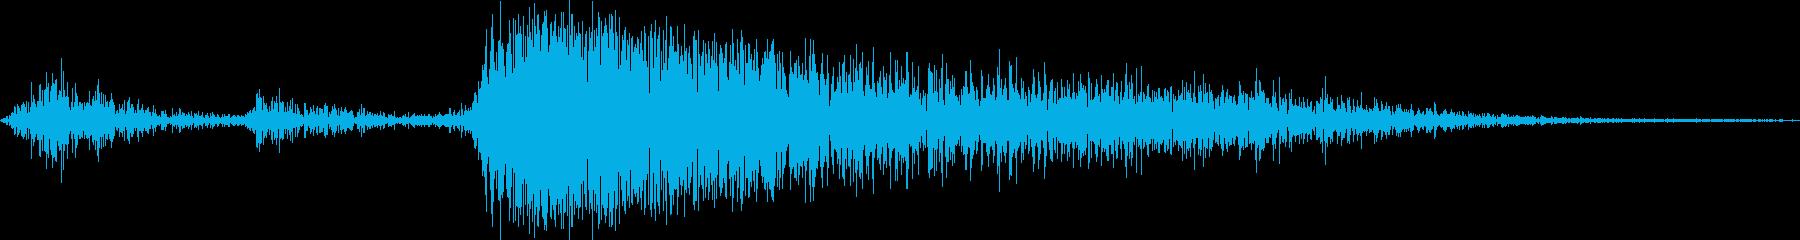 プシュッ(缶ビール・炭酸飲料を開ける音)の再生済みの波形